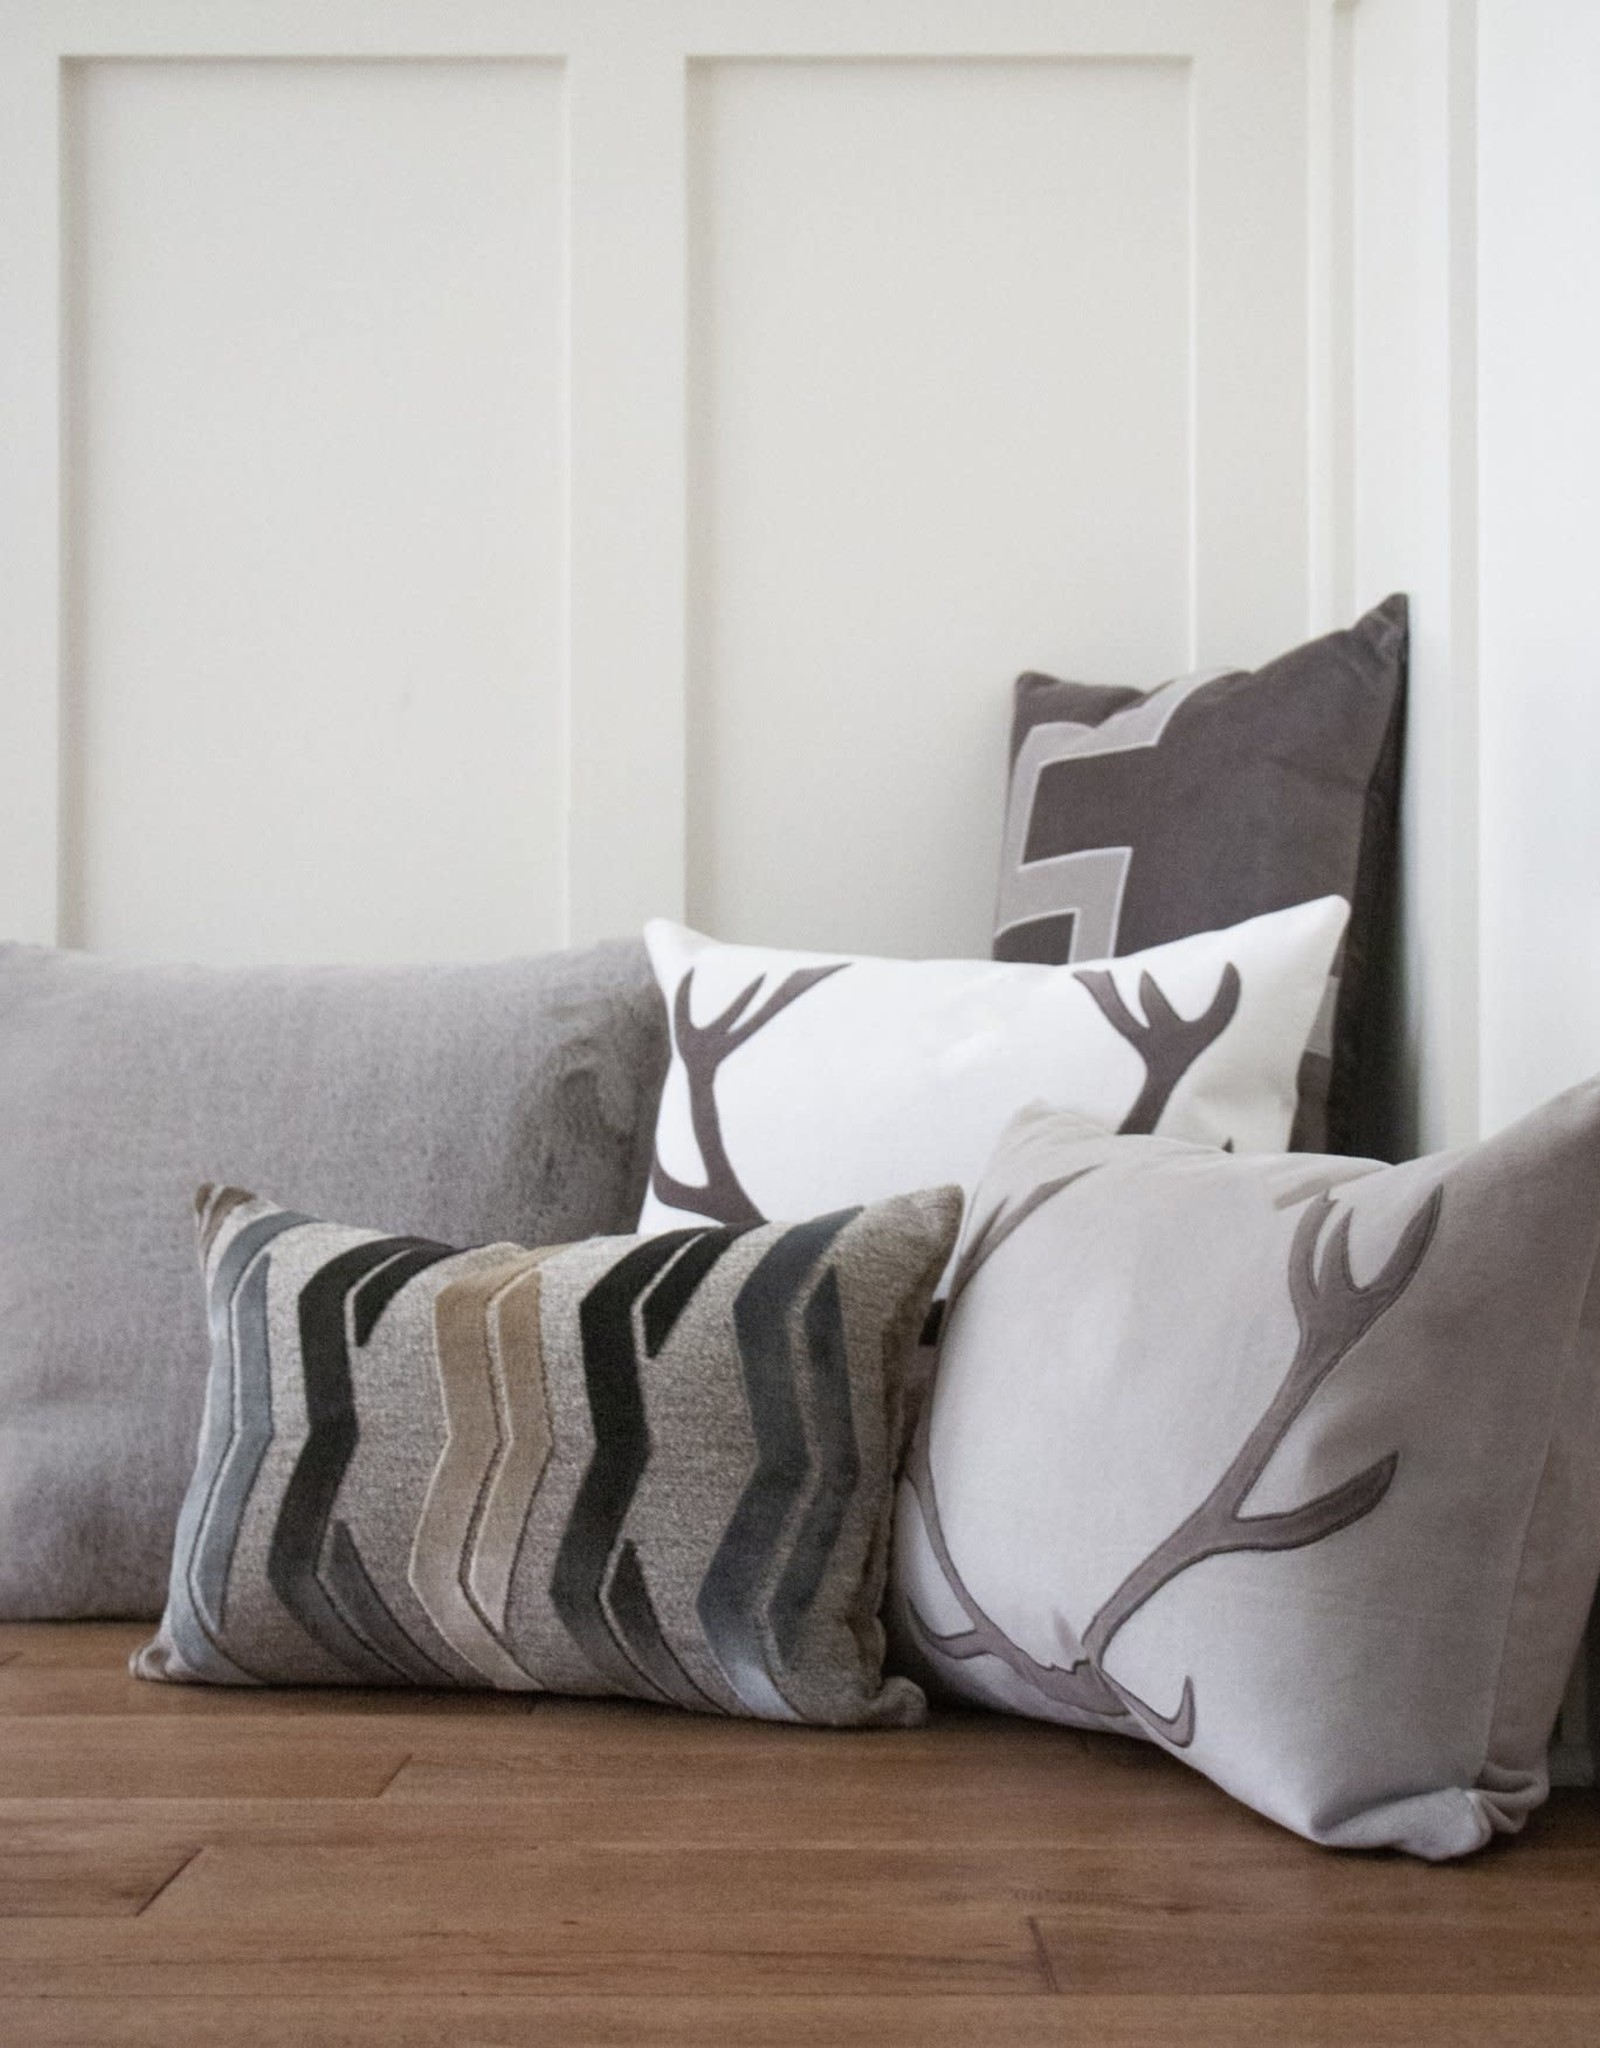 Vixen Pillow - Natural/Charcoal 14x20